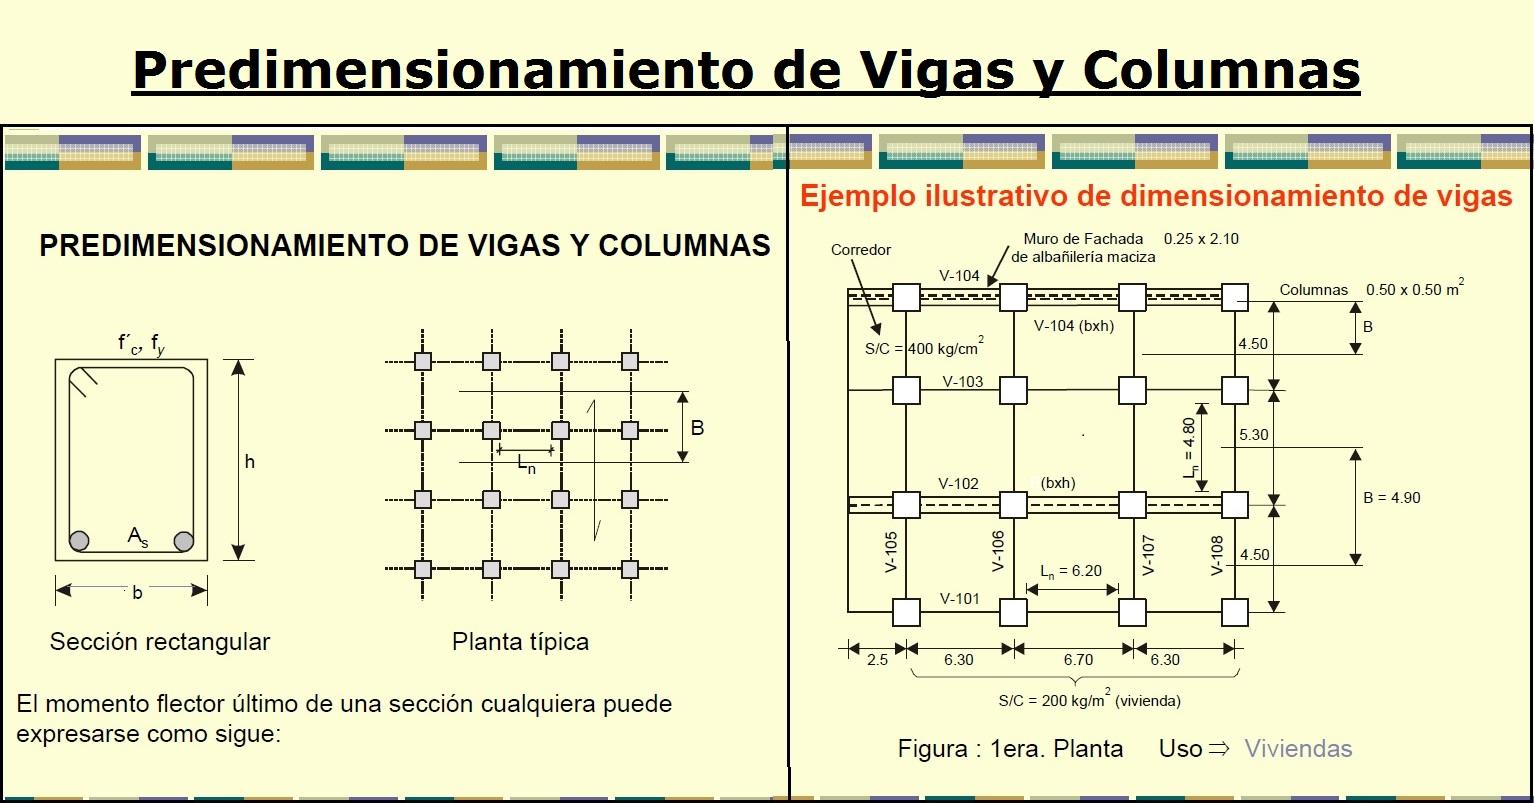 Predimensionamiento de vigas y columnas - Pilares y columnas ...